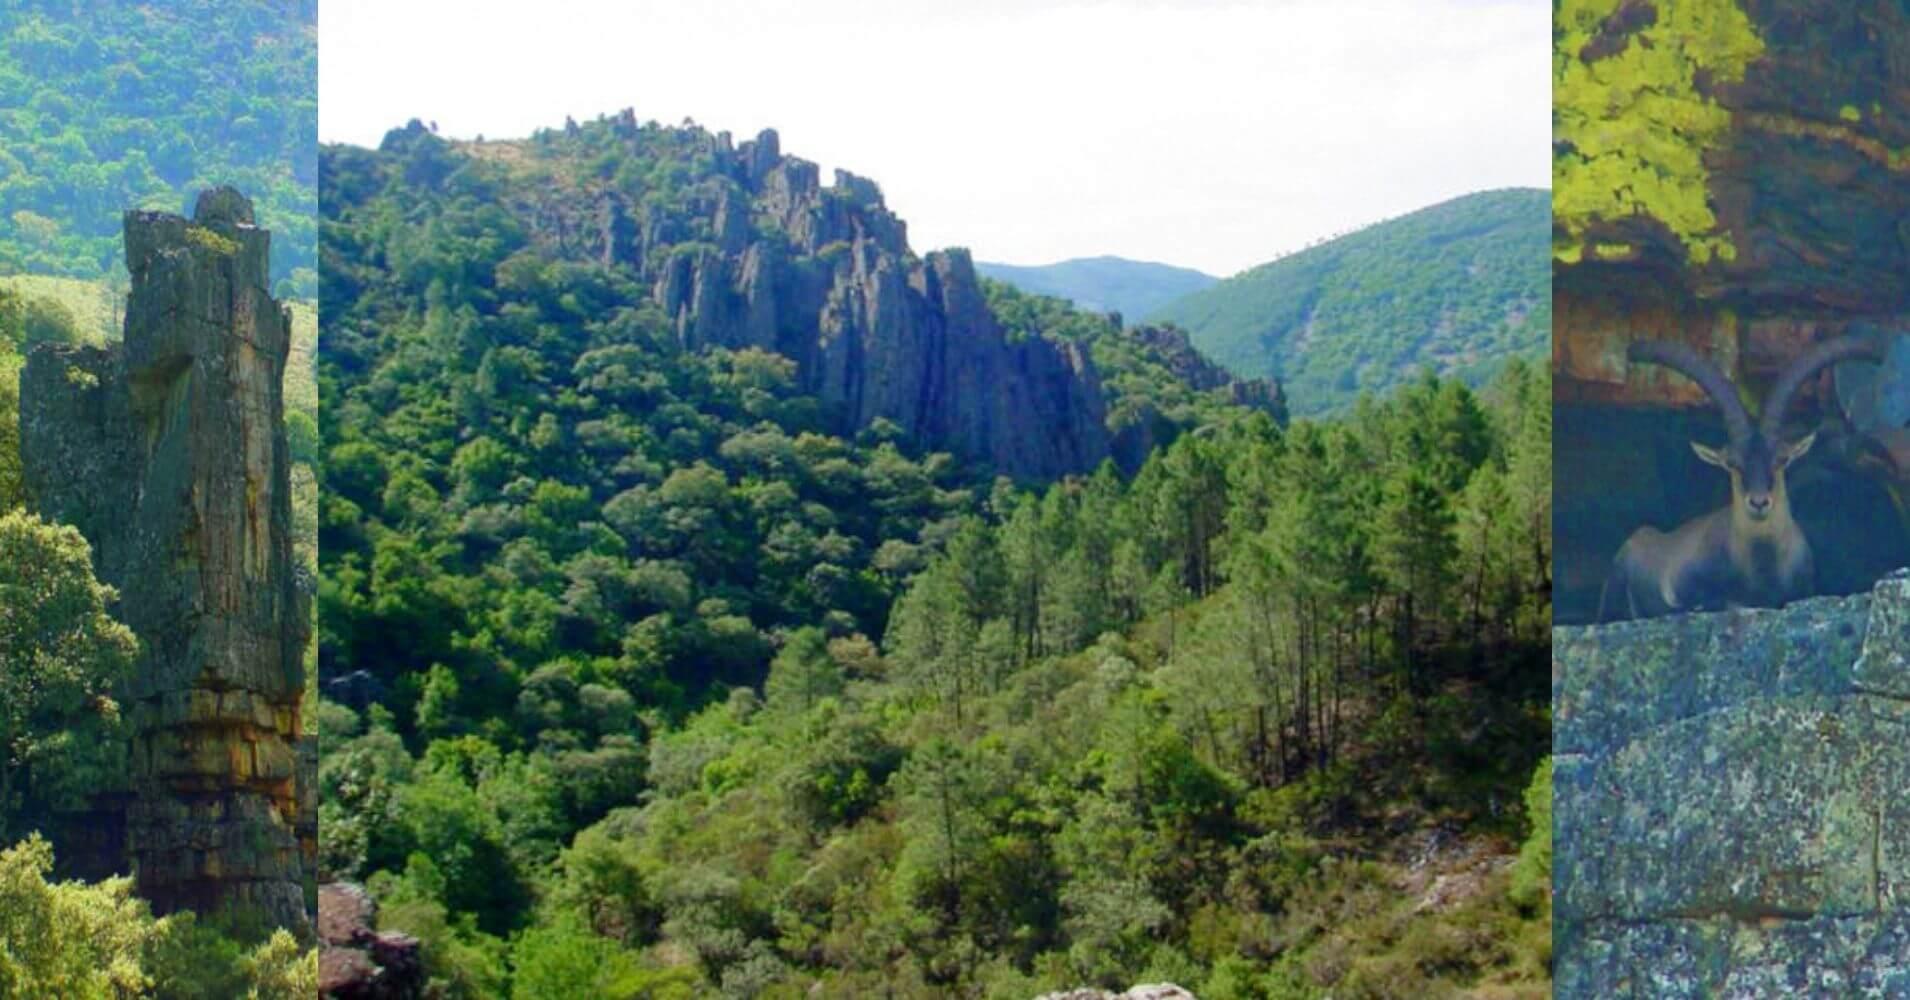 Las Torres del Valle de Las Batuecas. Parque Natural Batuecas Sierra de Francia. Salamanca, Castilla y León.